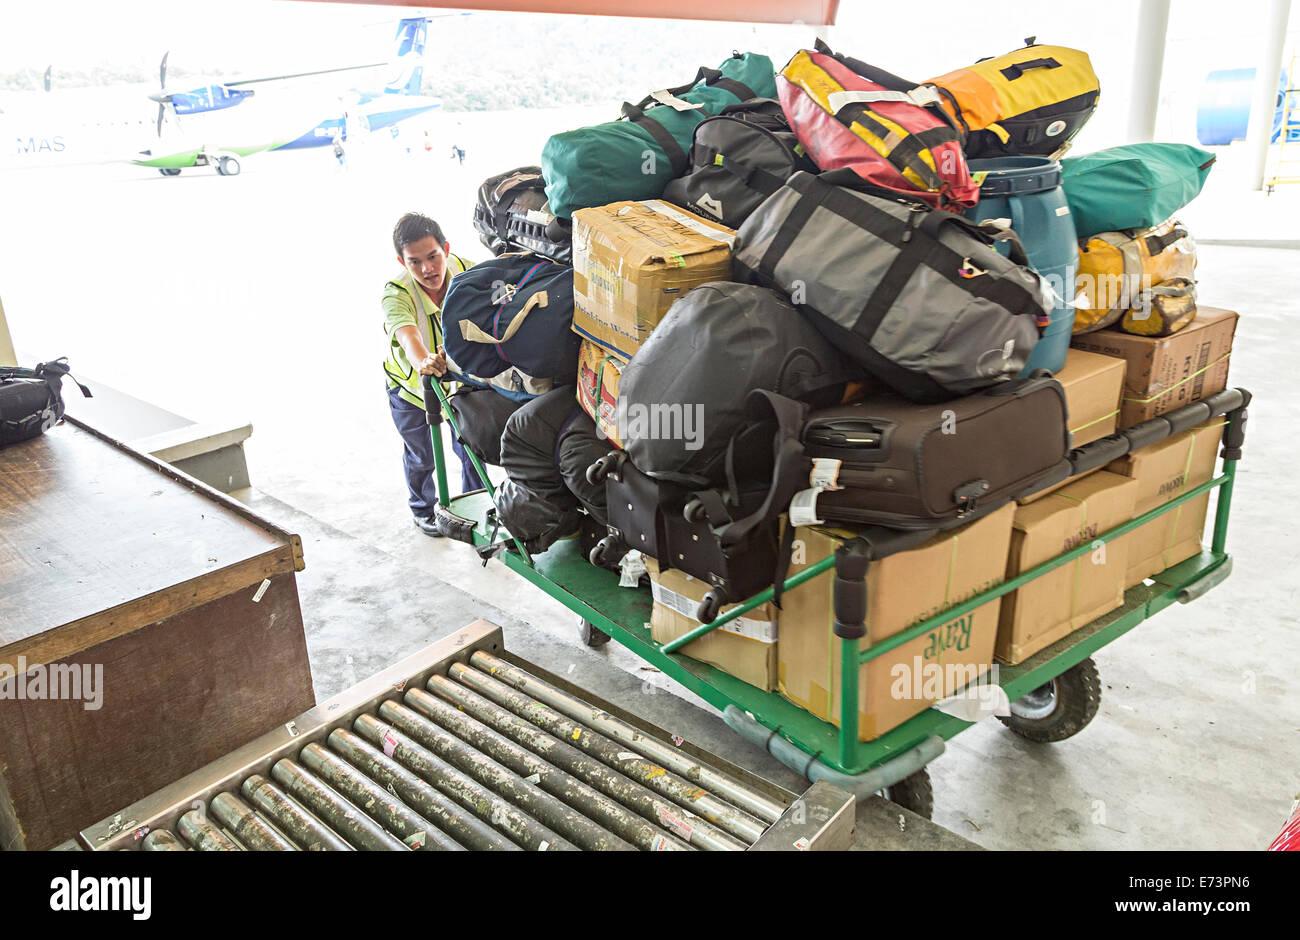 Gepäckabfertigung am Flughafen, Mulu, Malaysia Stockbild